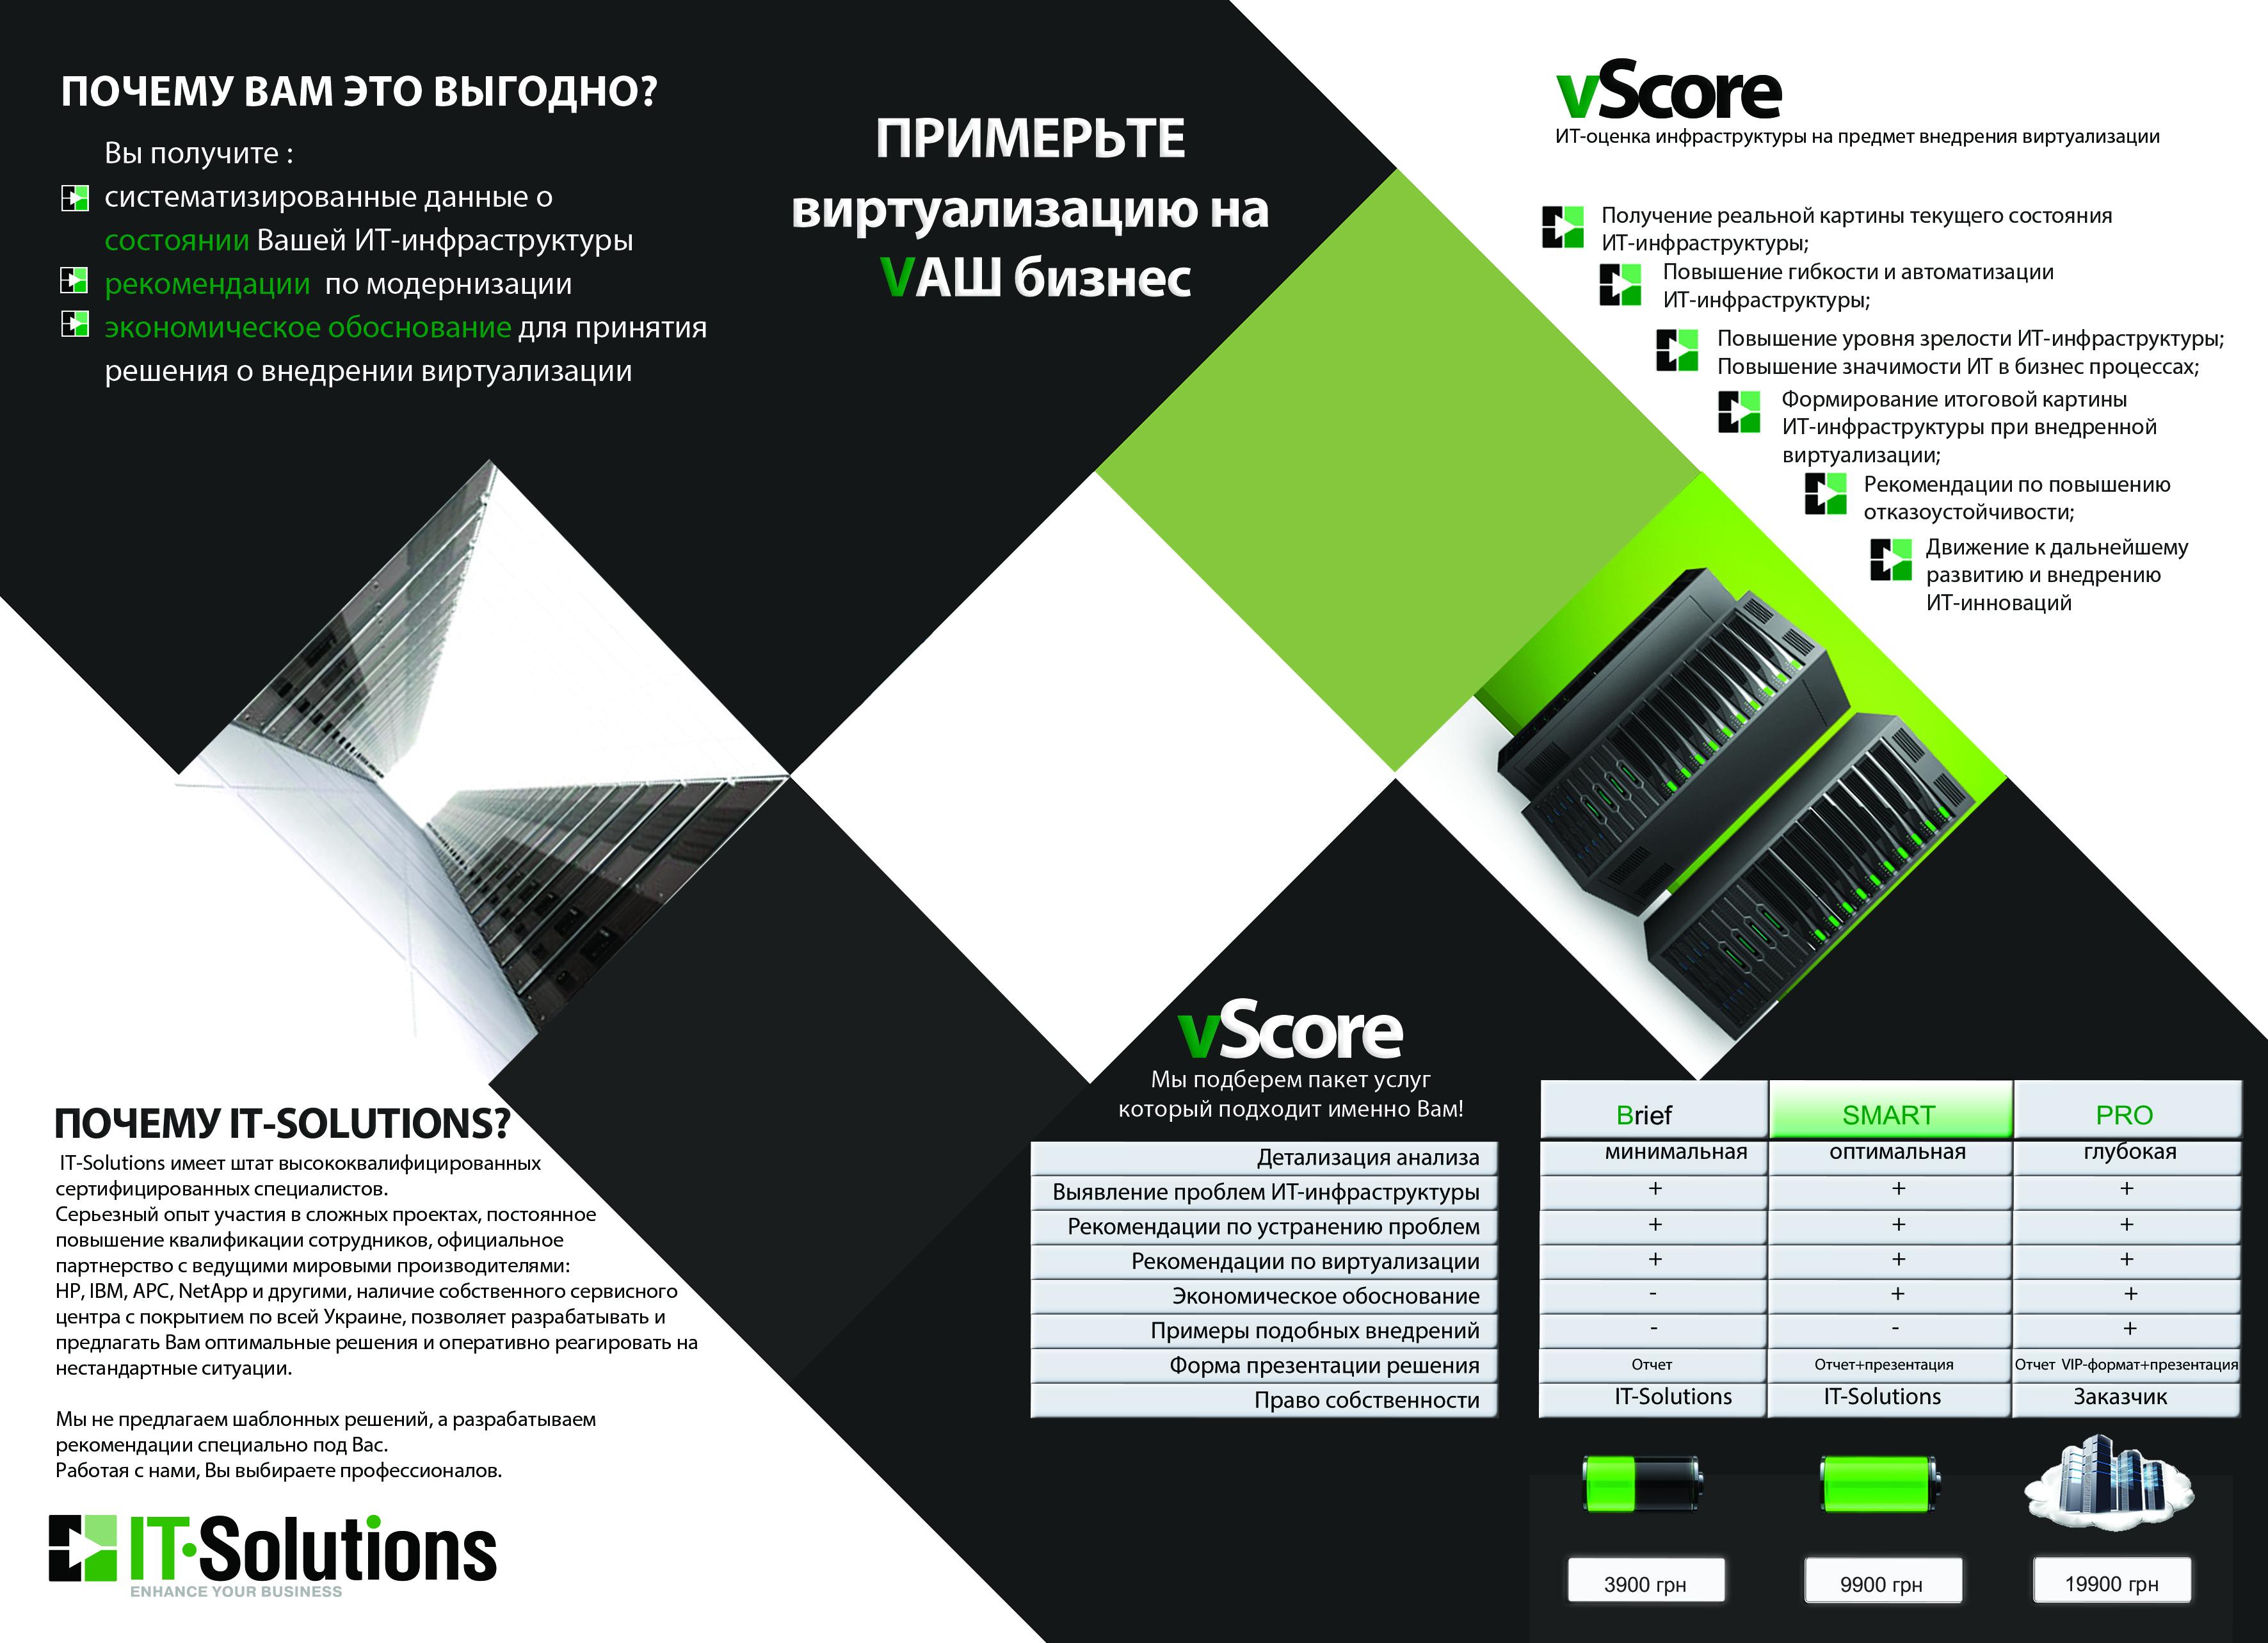 vScore от IT-Solutions оценка ИТ-инфраструктуры на предмет внедрения виртуализации